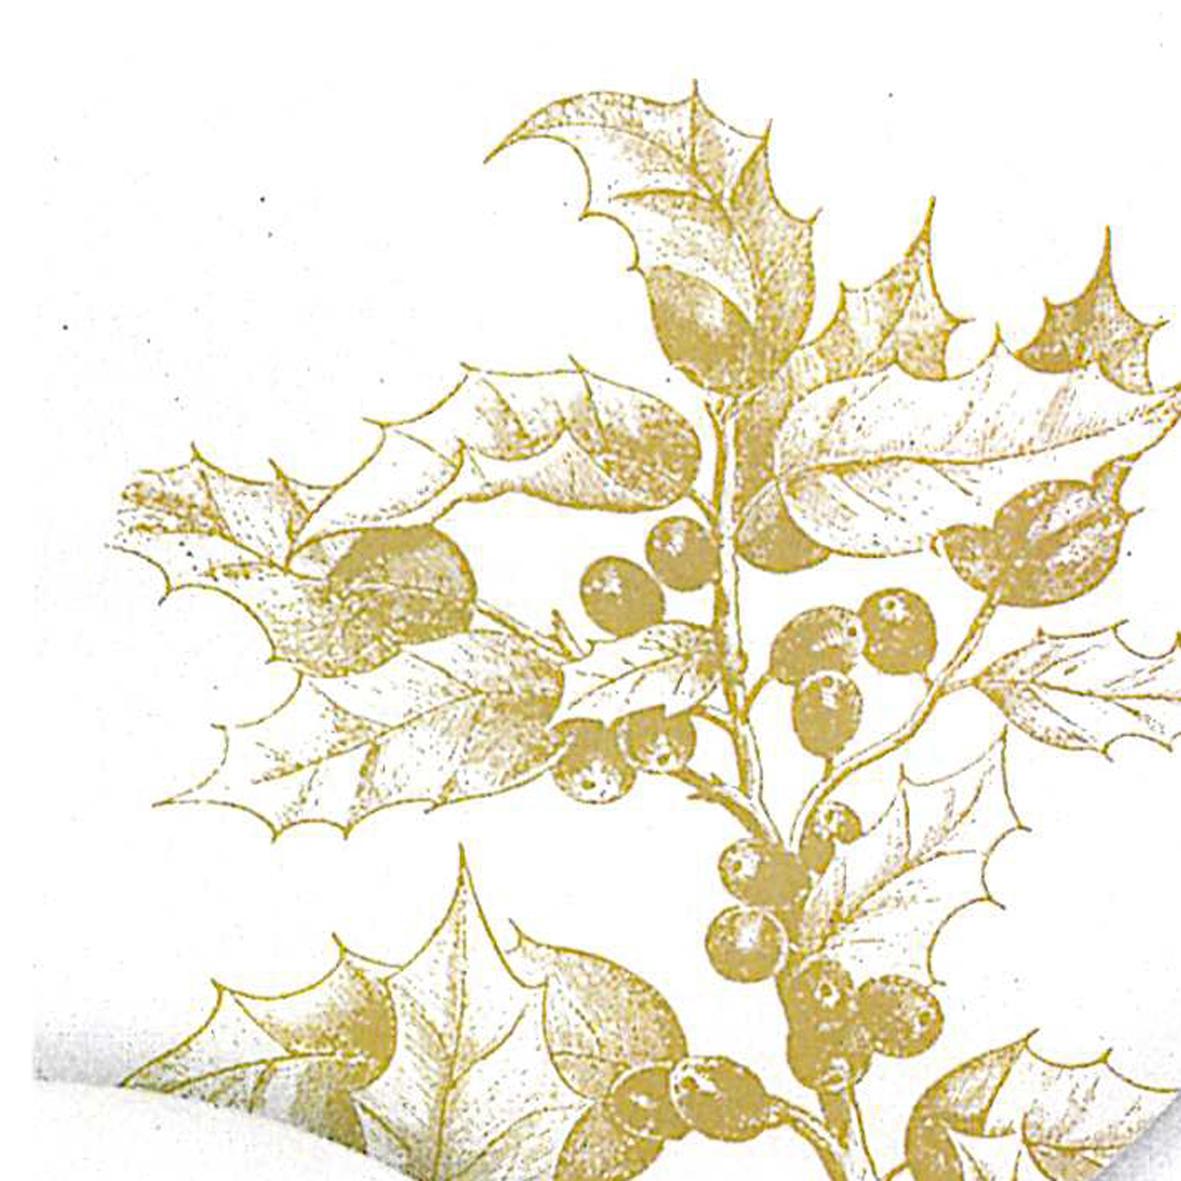 Motivservietten Gesamtübersicht,  Pflanzen - Ilex,  Weihnachten,  lunchservietten,  Ilex